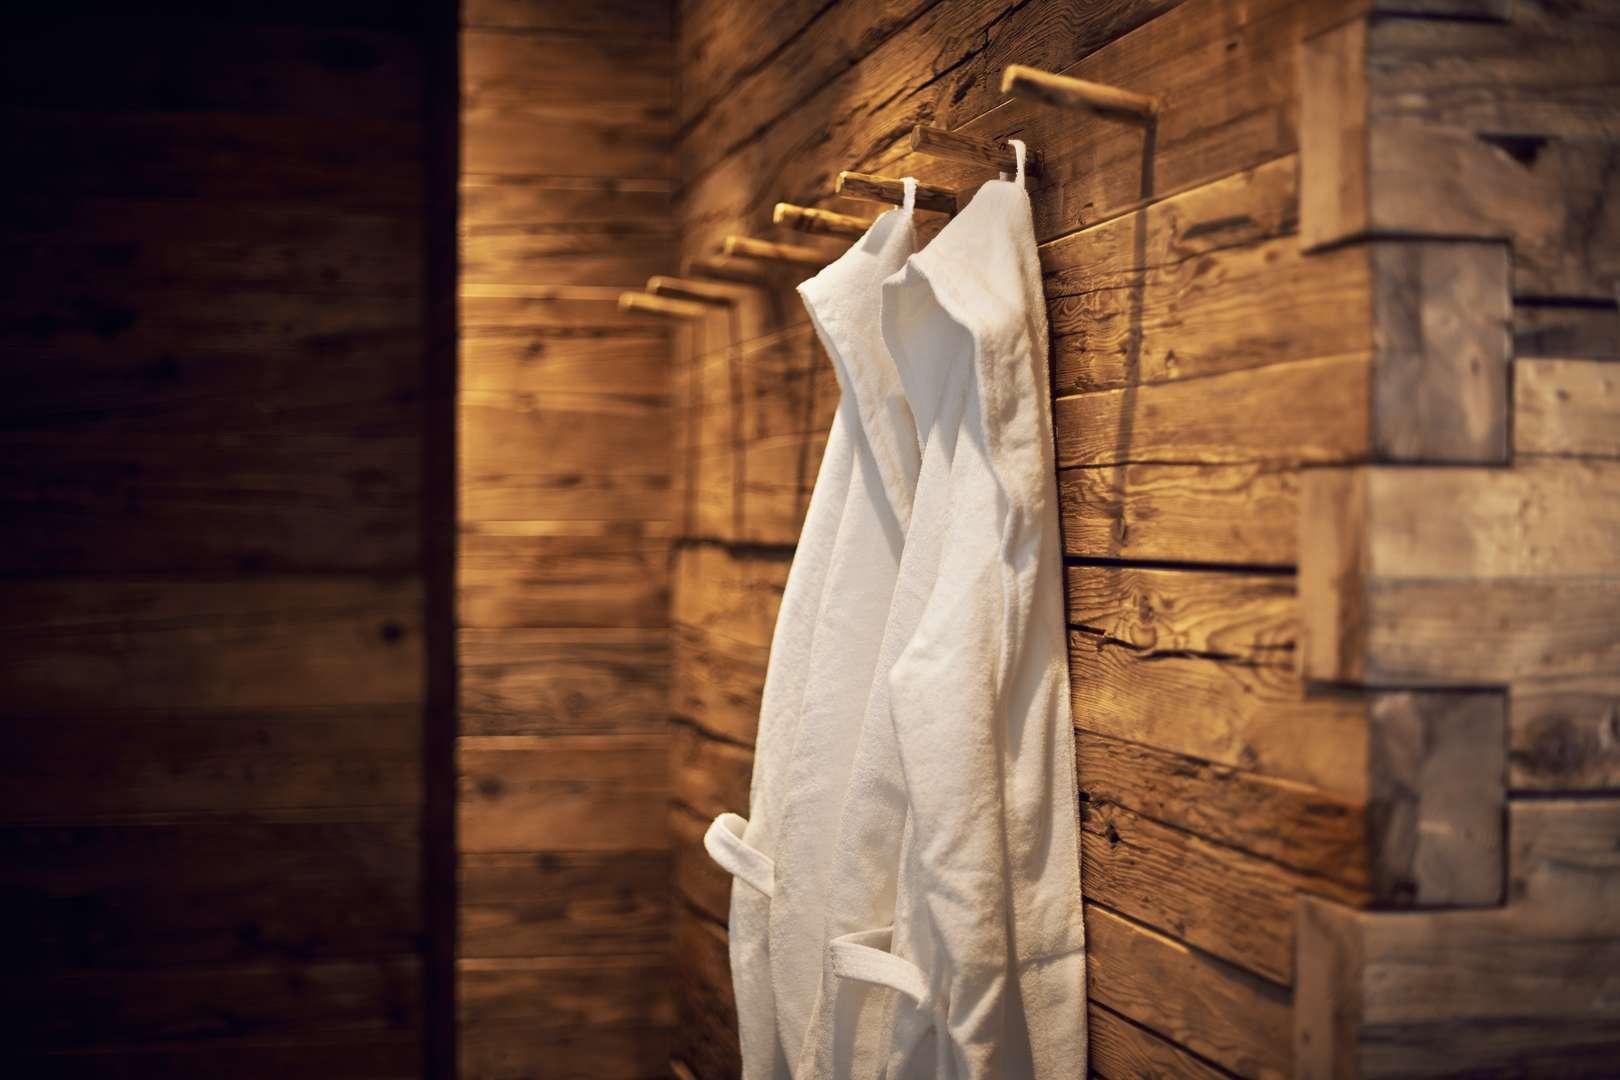 csm_kh_spa_sauna___4__3f763b4eb6